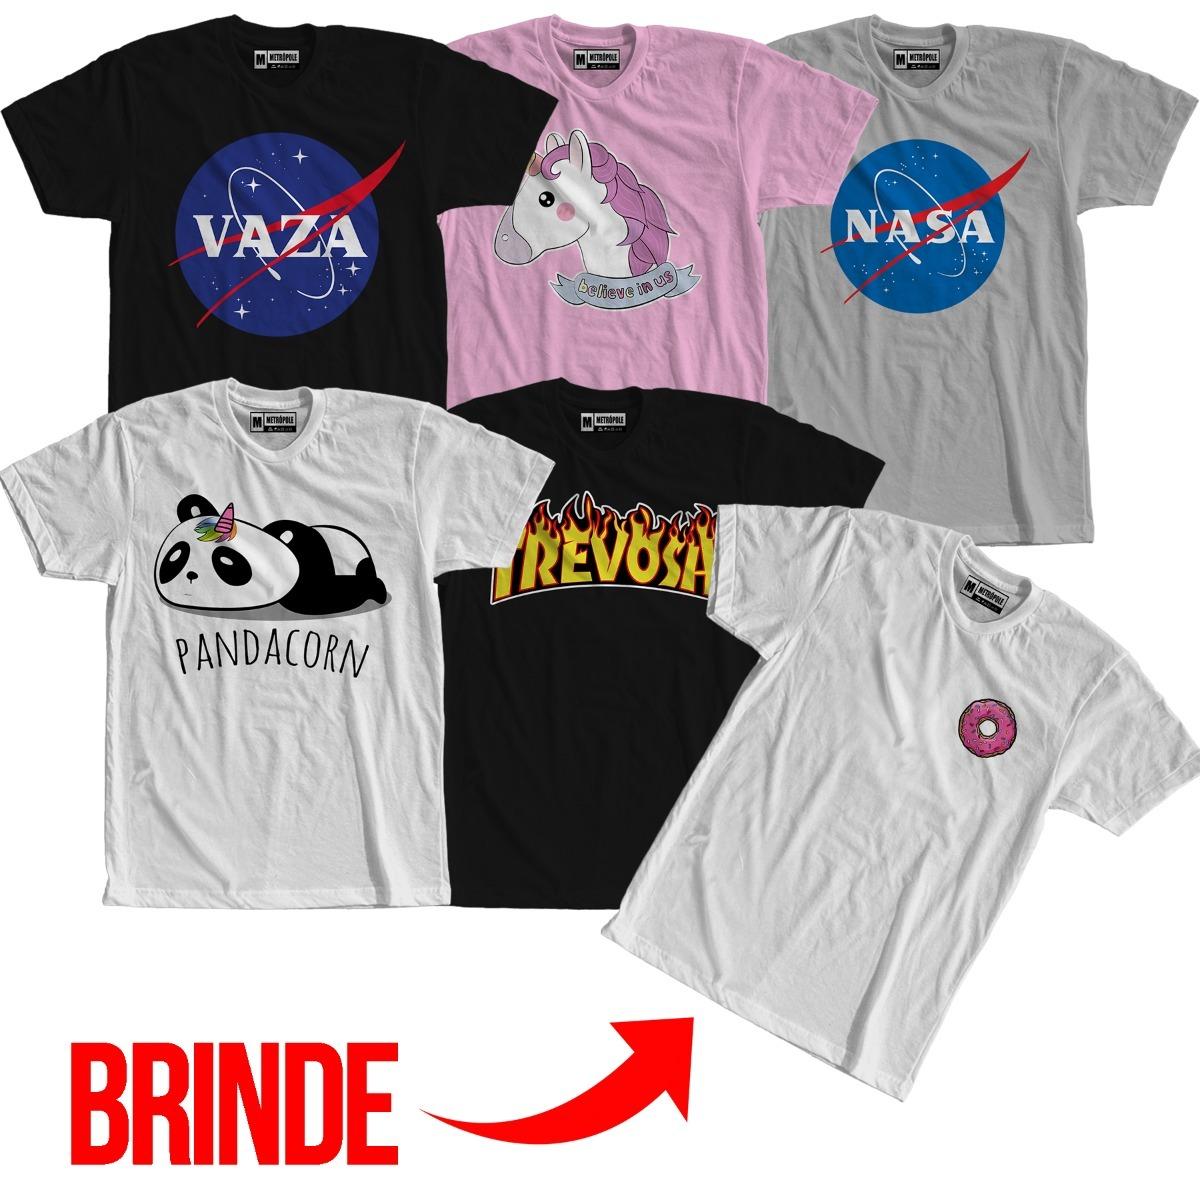 c9cc40ac08 kit 5 camisetas moda tumblr + tshirt brinde roupas femininas. Carregando  zoom.